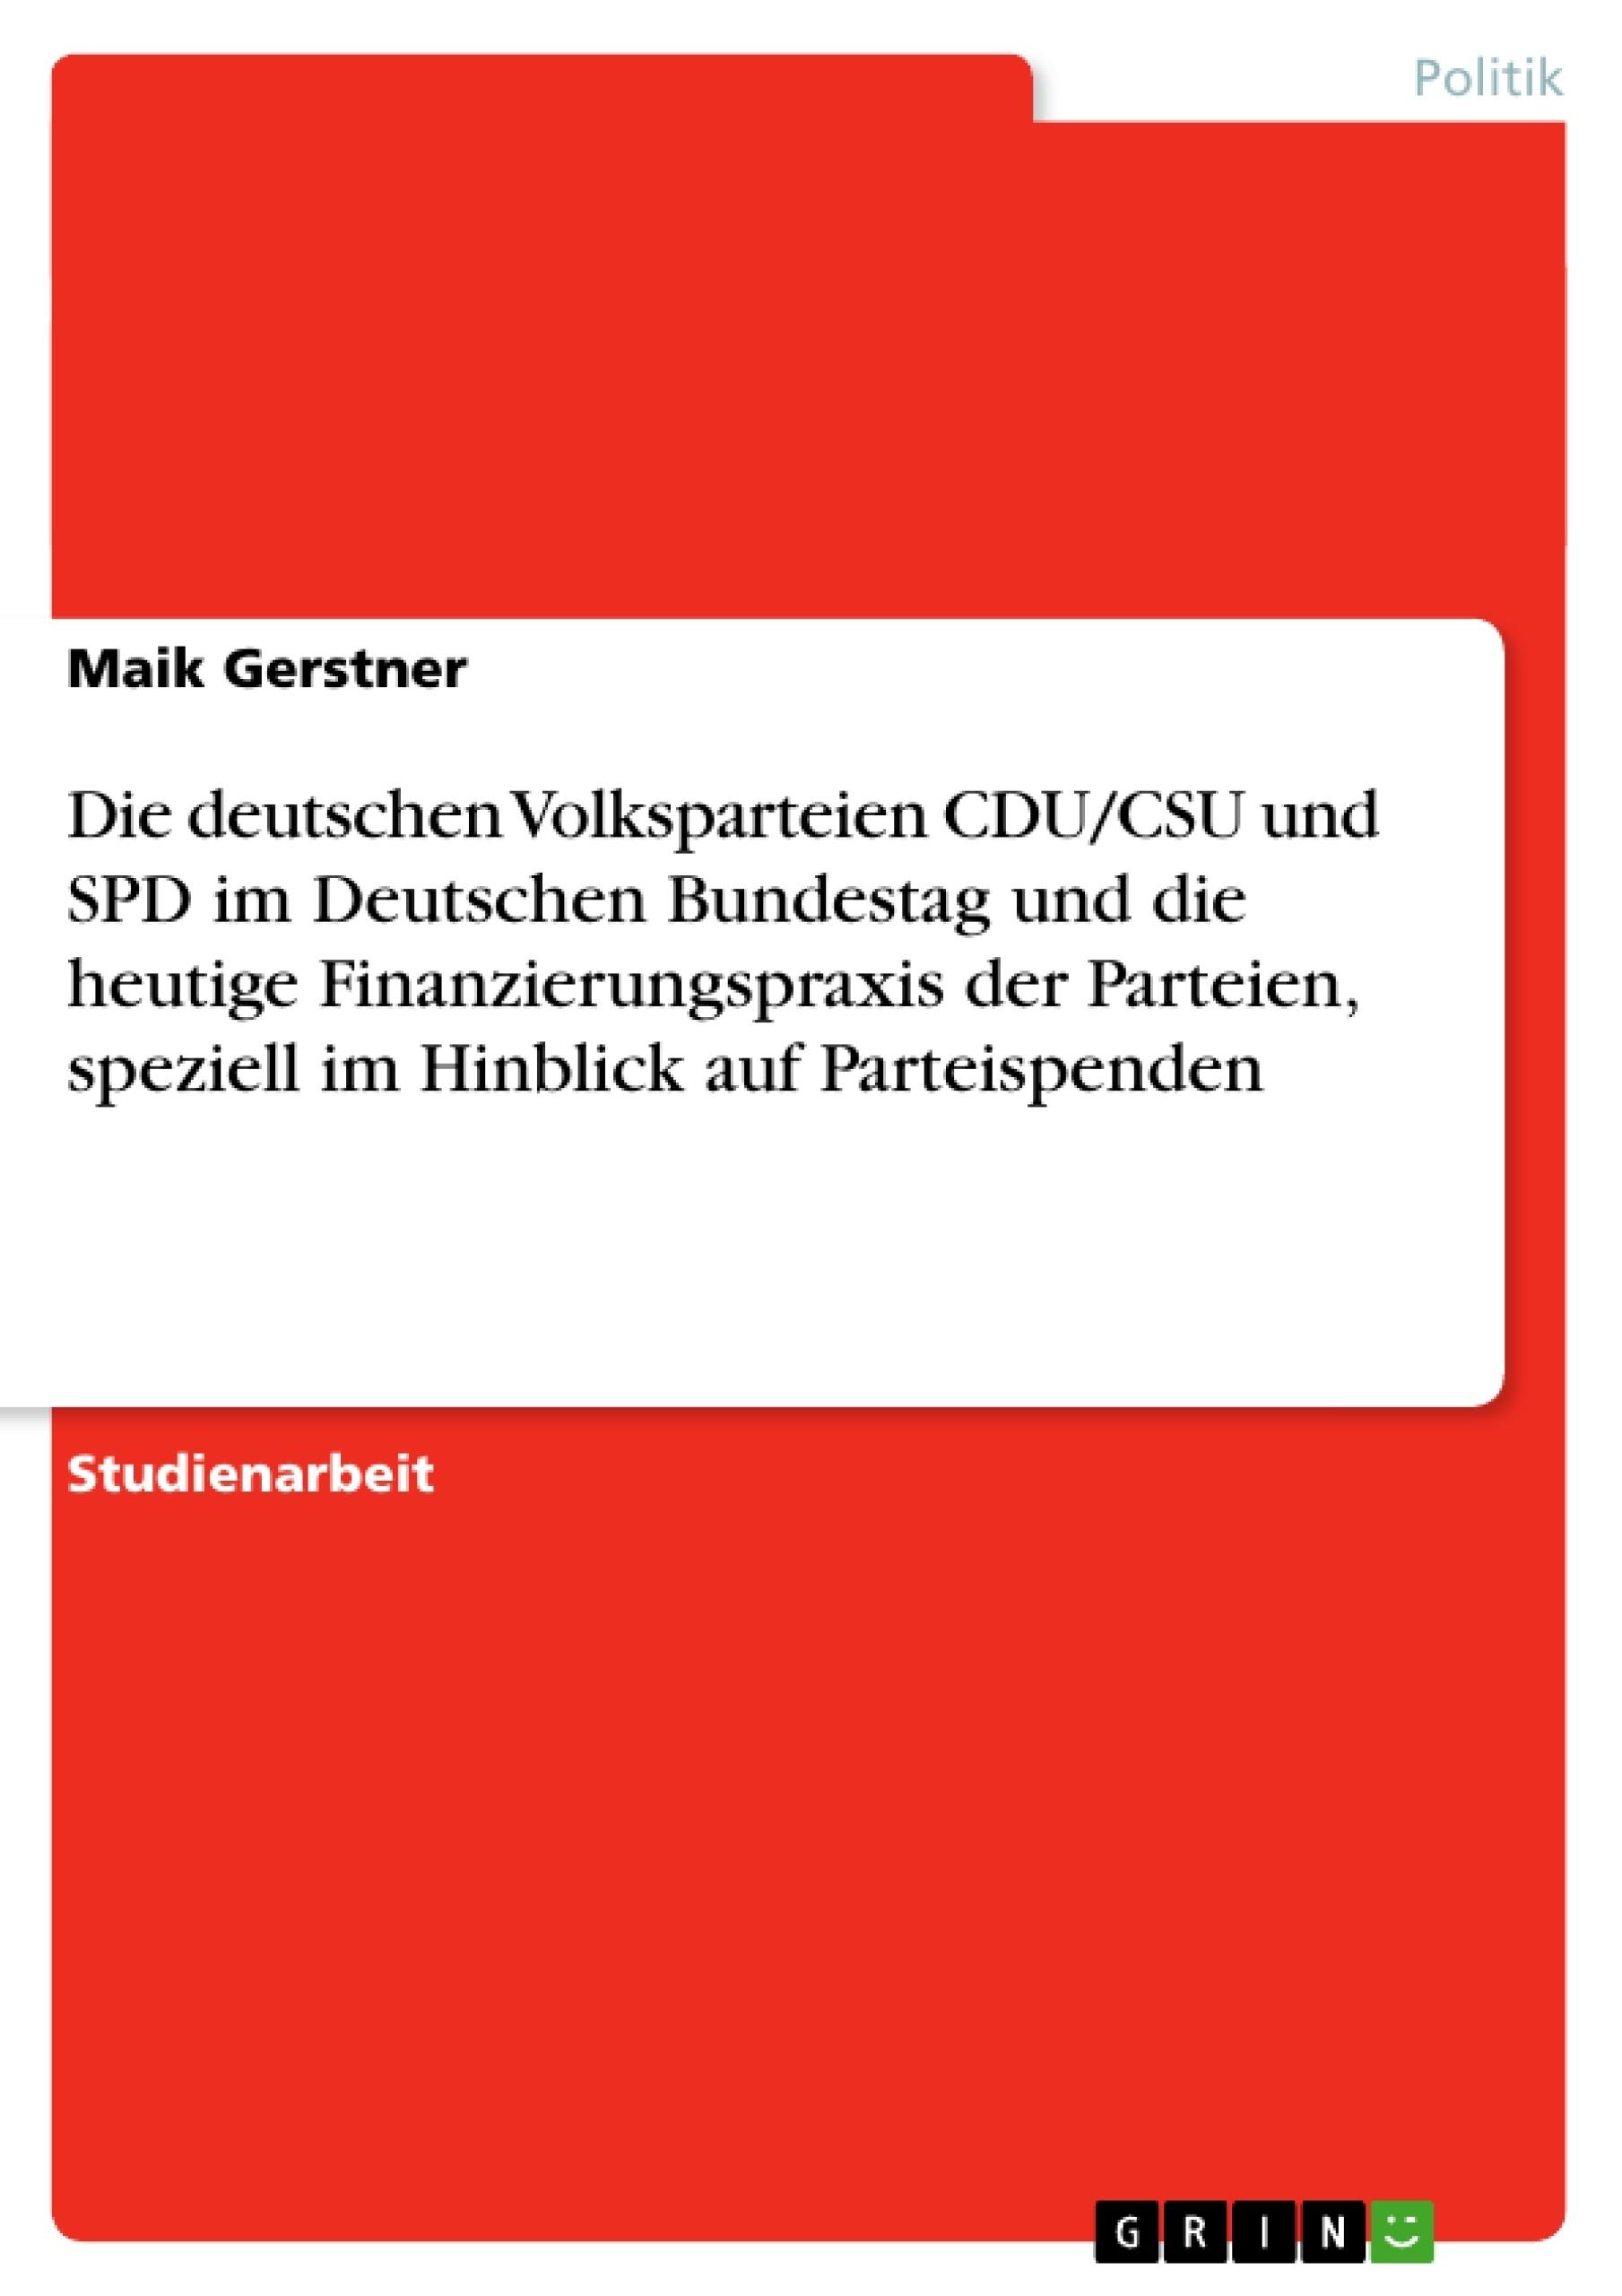 Titel: Die deutschen Volksparteien CDU/CSU und SPD im Deutschen Bundestag und die heutige Finanzierungspraxis der Parteien, speziell im Hinblick auf Parteispenden